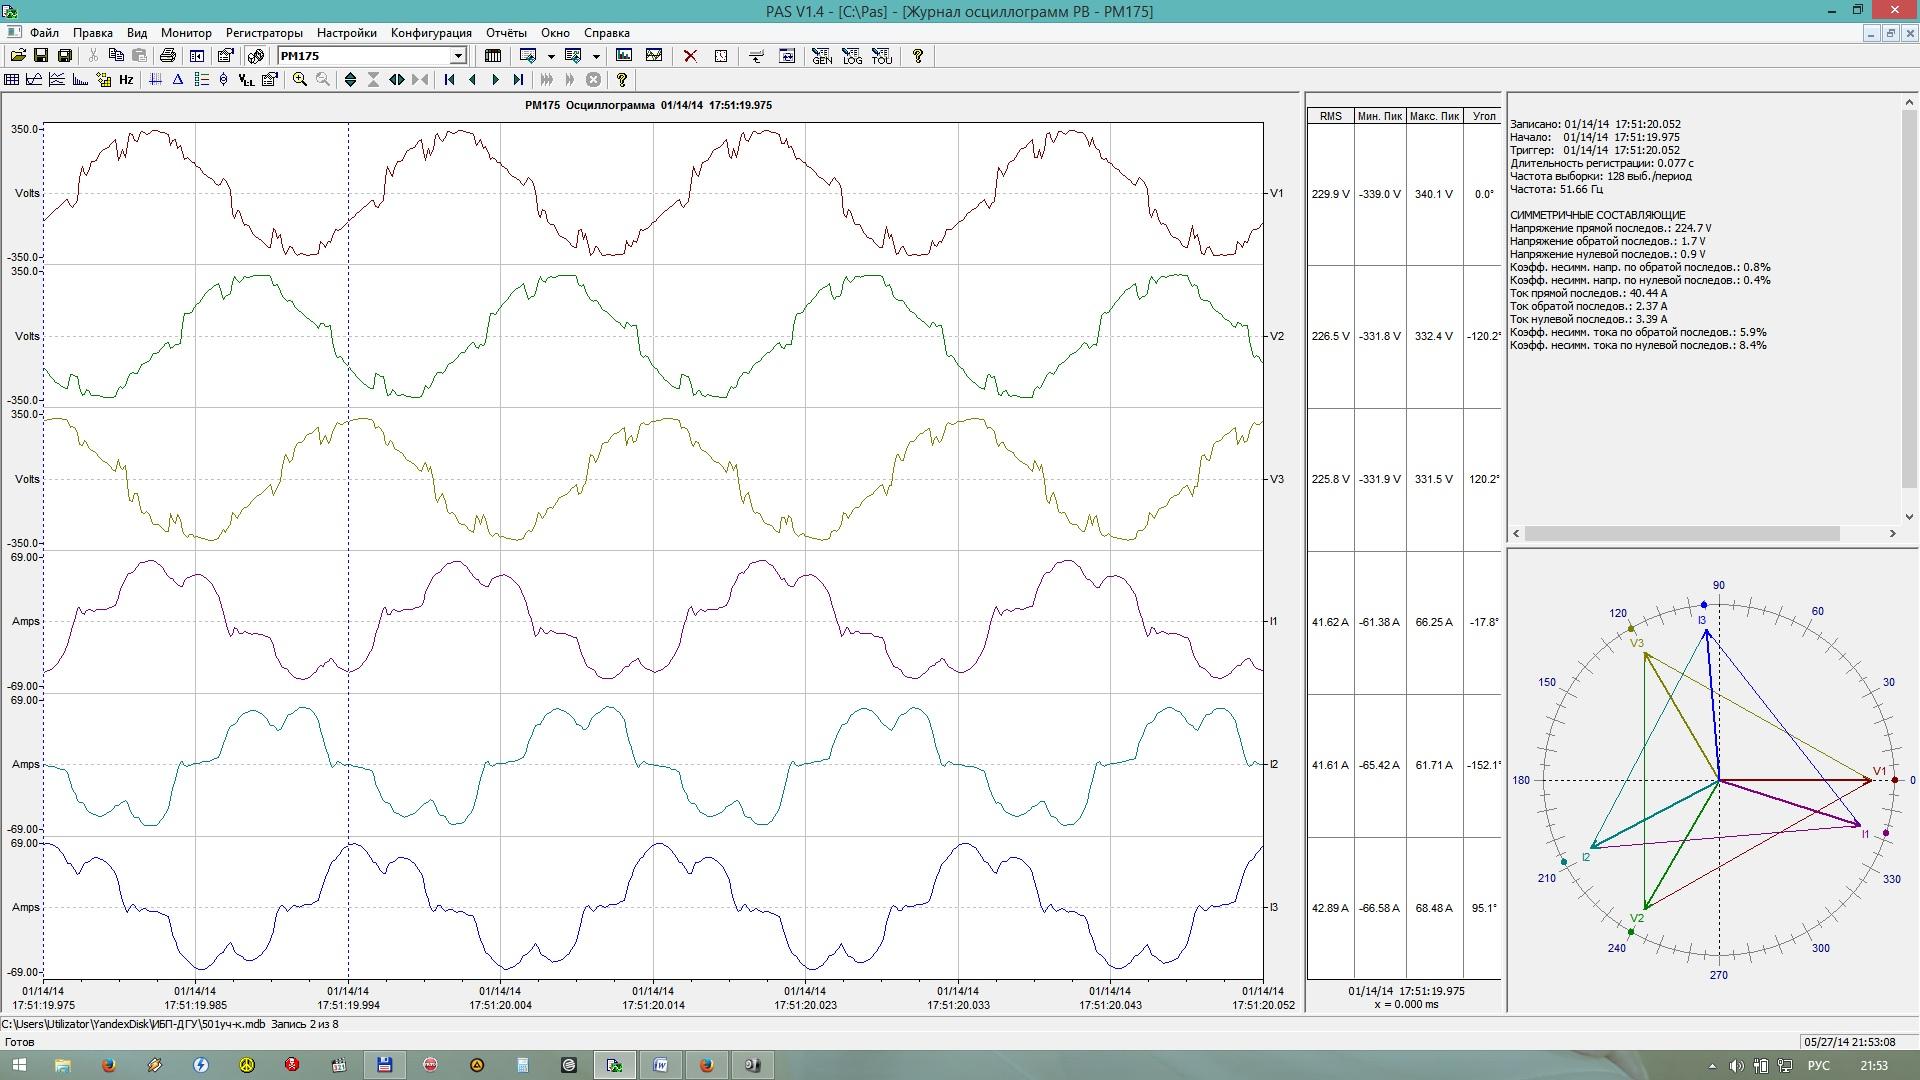 Рис. 1  - окно программы PAS журнал осциллограмм.